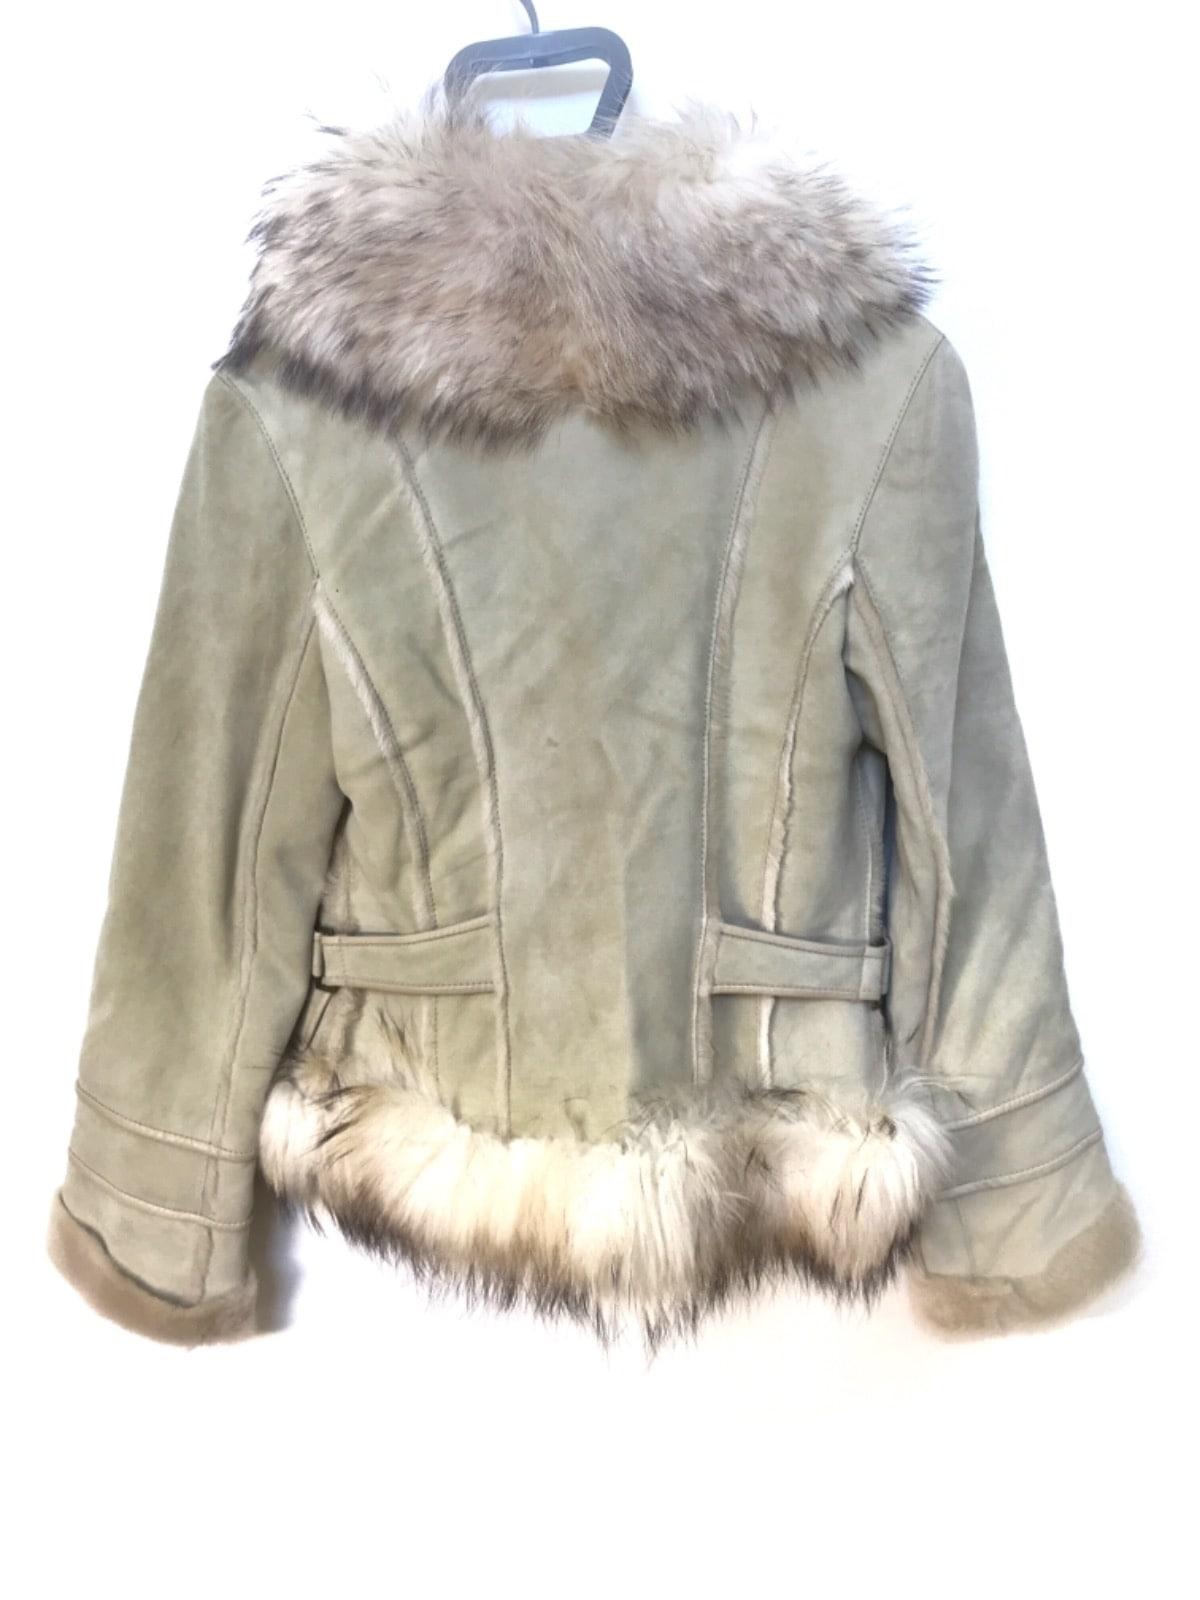 ALBO QUATTRO(アルボクワトロ)のコート